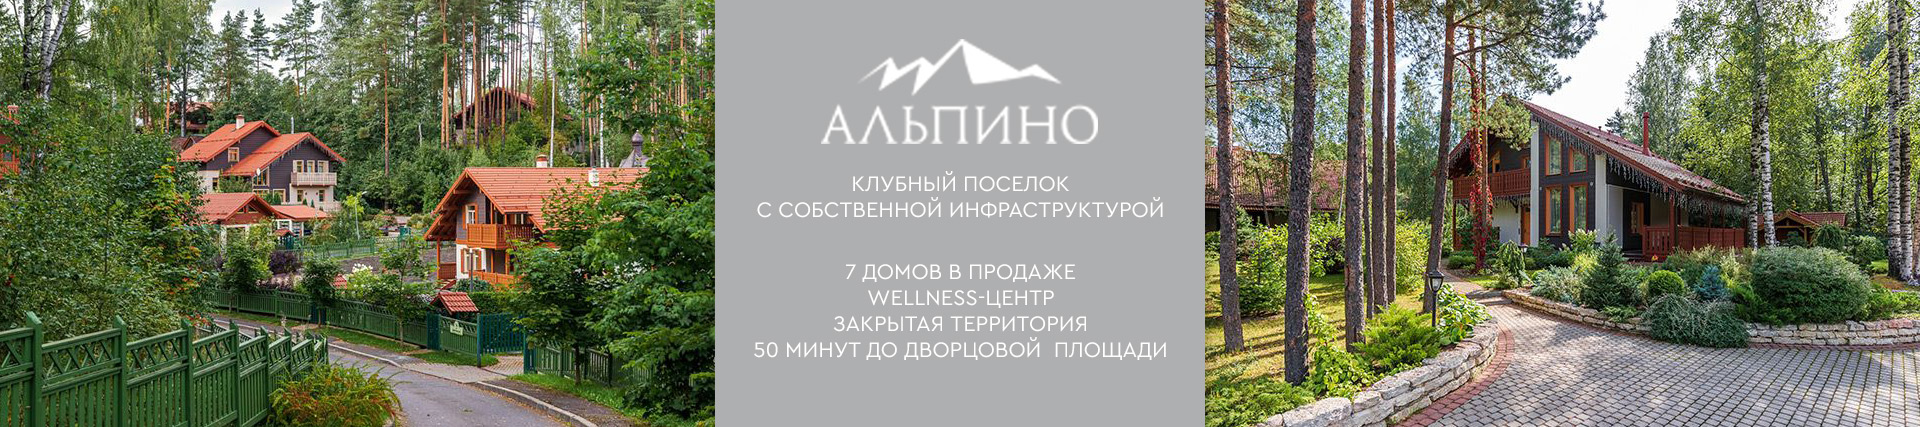 https://evspb.ru/wp-content/uploads/2019/10/mainPS-alpino.jpg